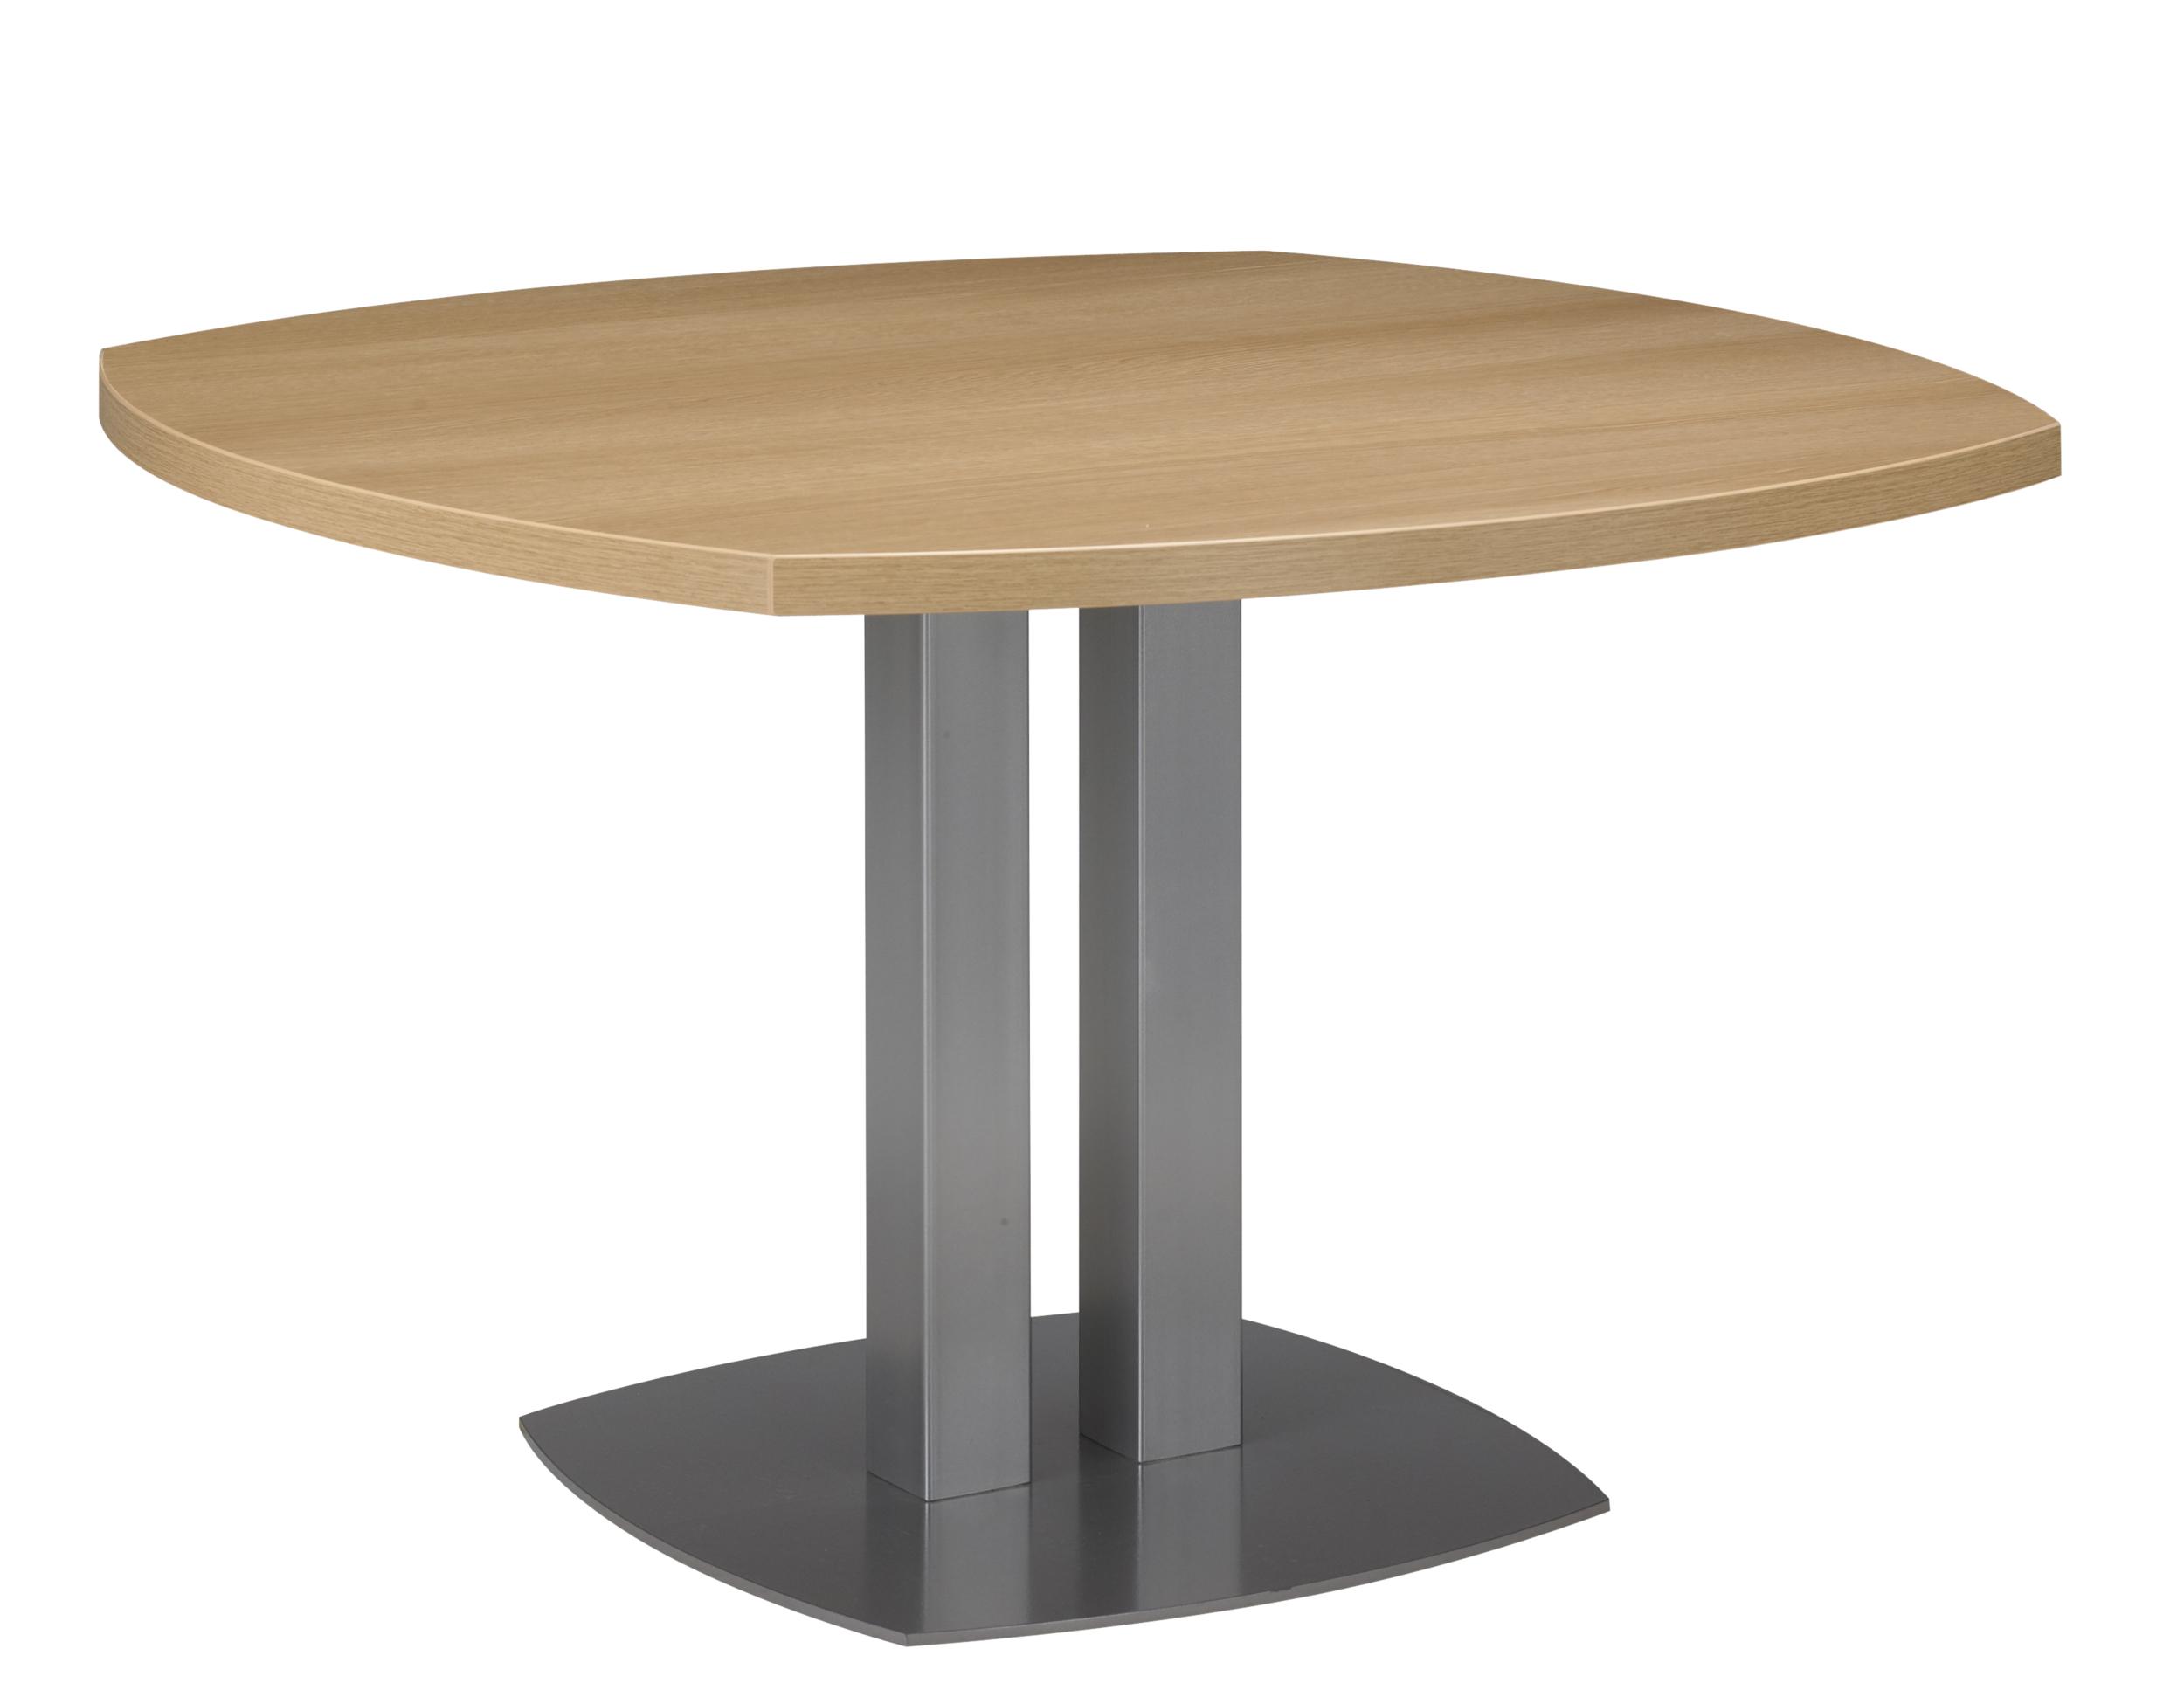 SLIVER CHÊNE TABLE COURBÉE PIED MÉTAL GRIS